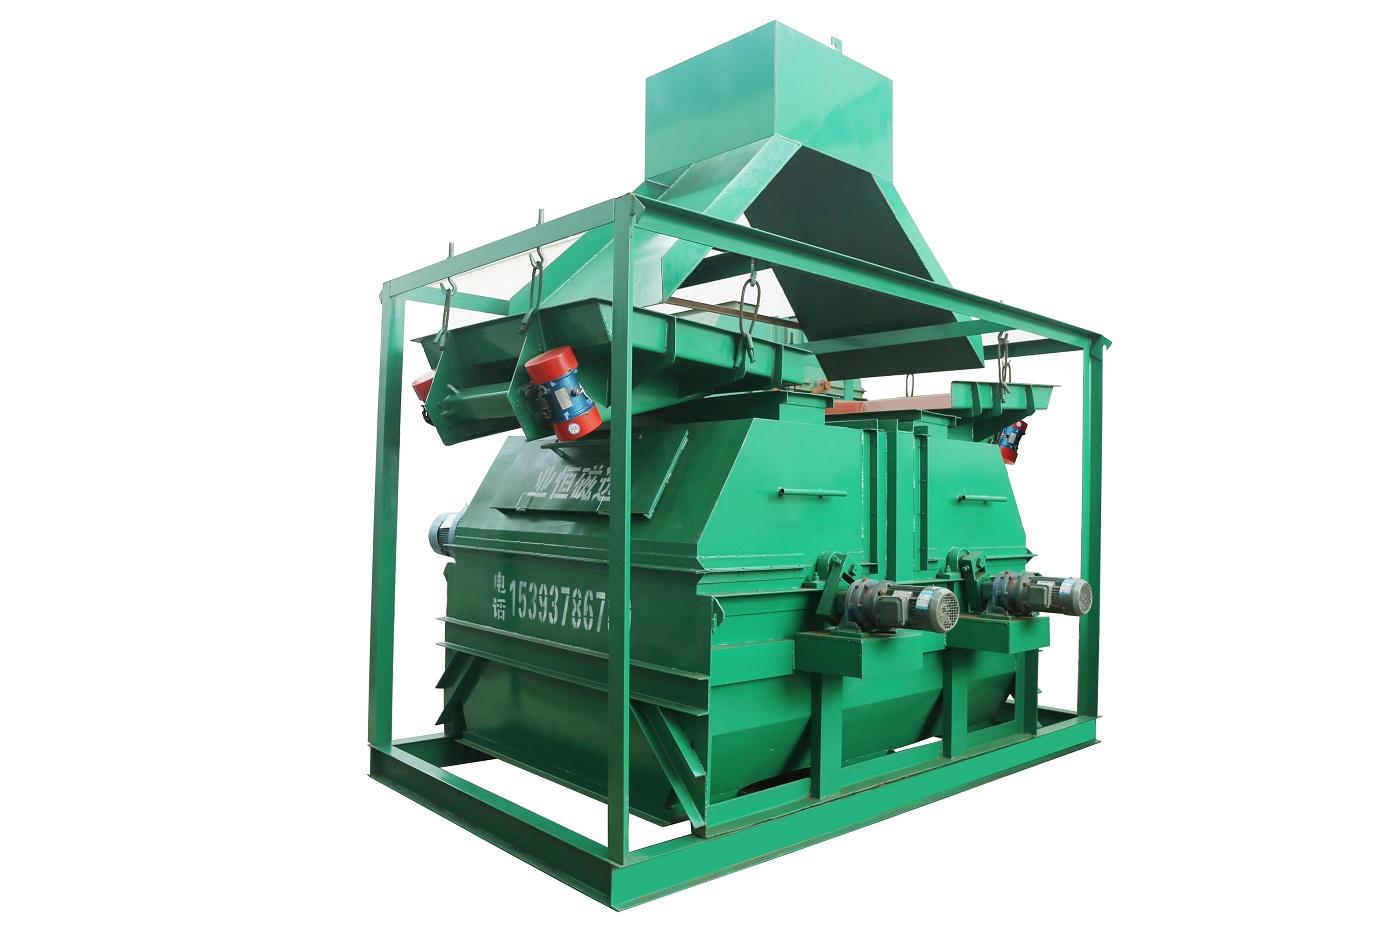 新疆铁精粉磁选机厂家-河南划算的铁精粉提纯磁选机